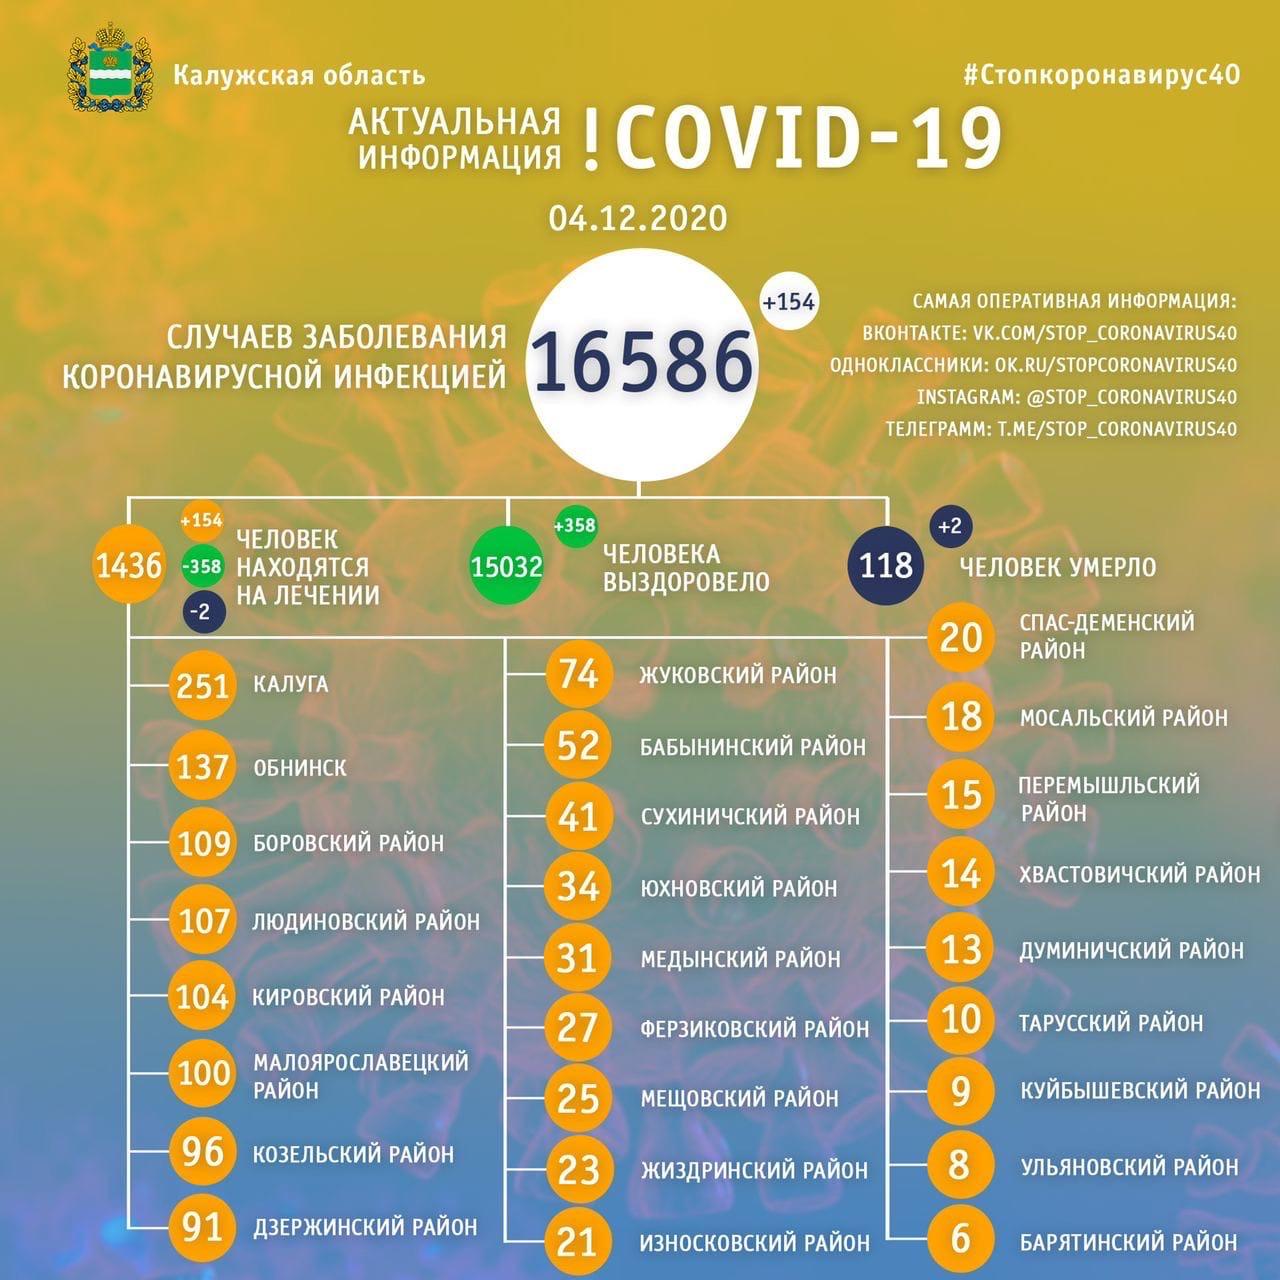 Официальная статистика по коронавирусу в Калужской области на 4 декабря 2020 года.